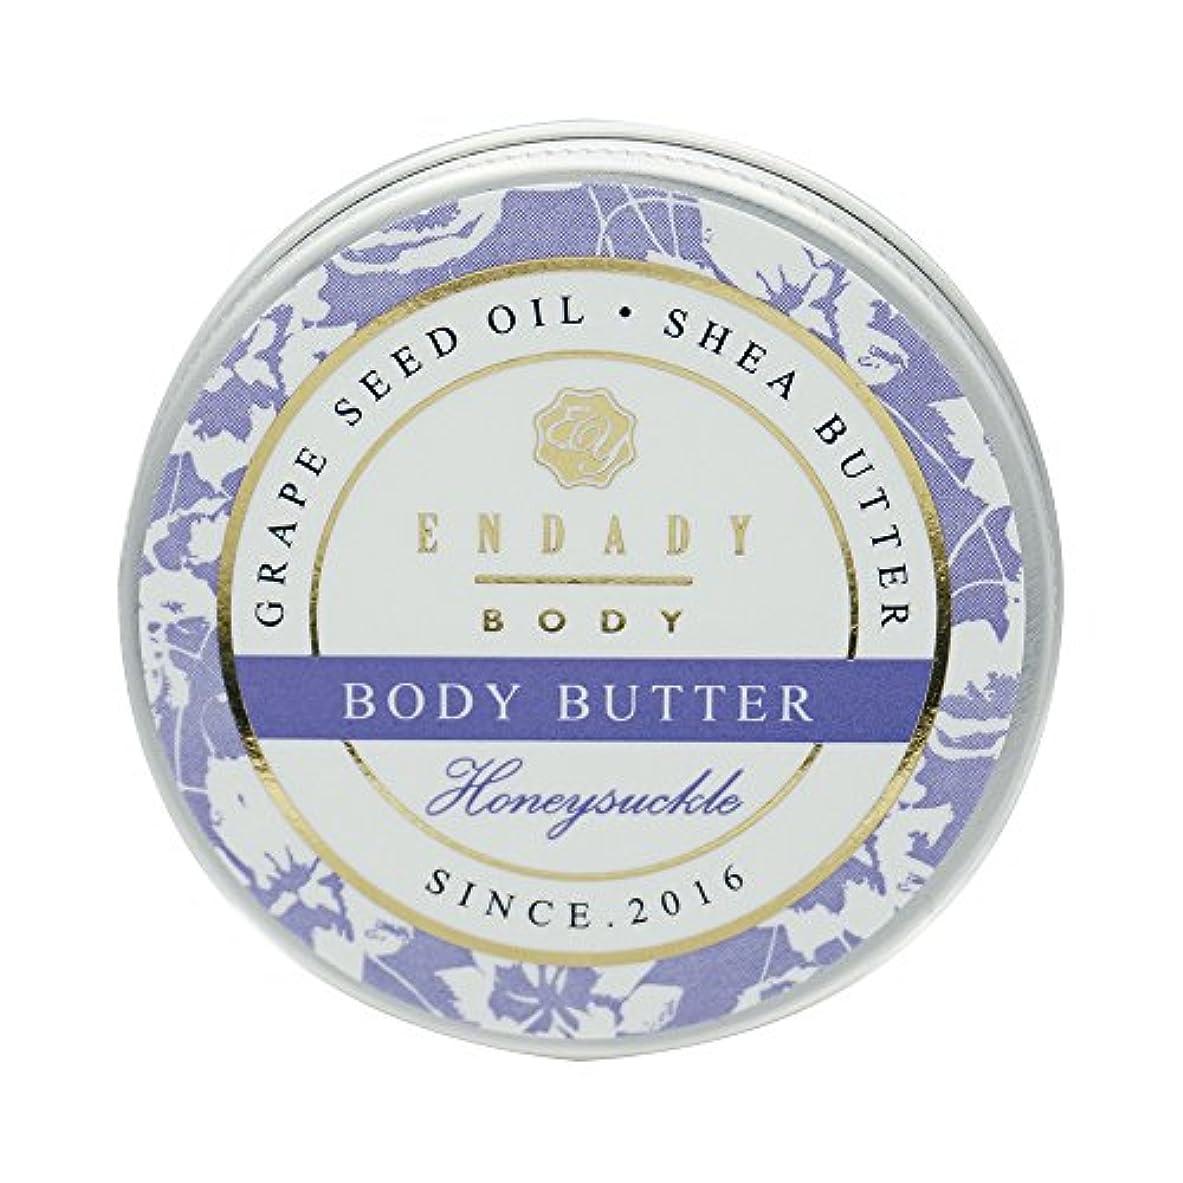 終わらせる超音速気絶させるエンダディ ボディ メルティング バター 〈ハニーサックルの香り〉 (50g)